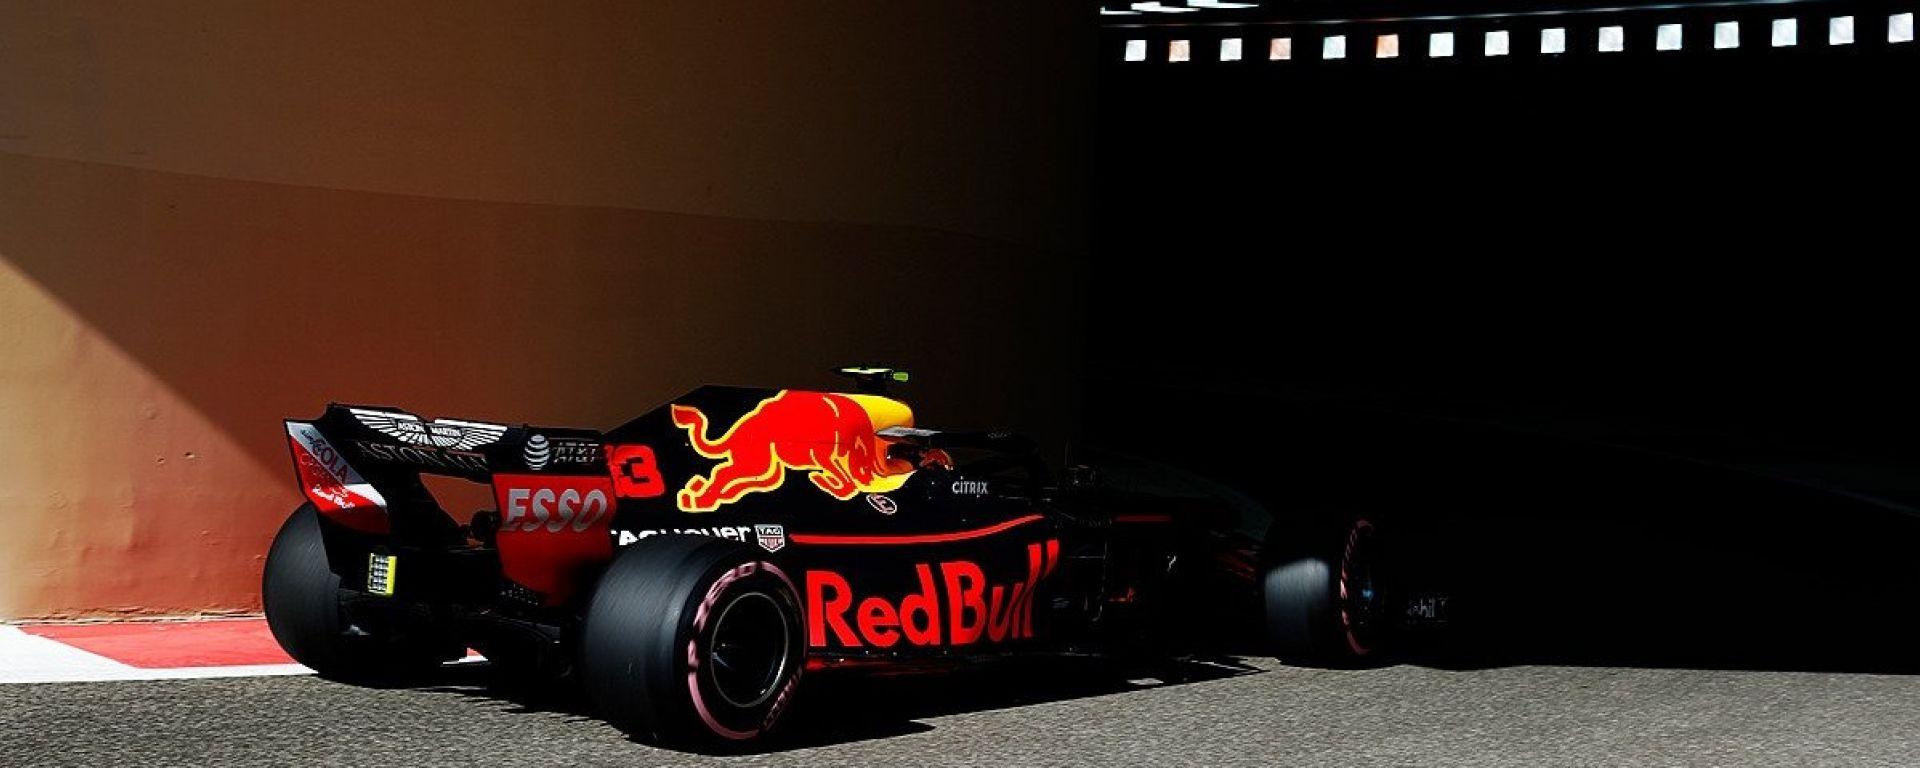 GP Abu Dhabi 2018, FP1, Max Verstappen in azione con la sua Red Bull